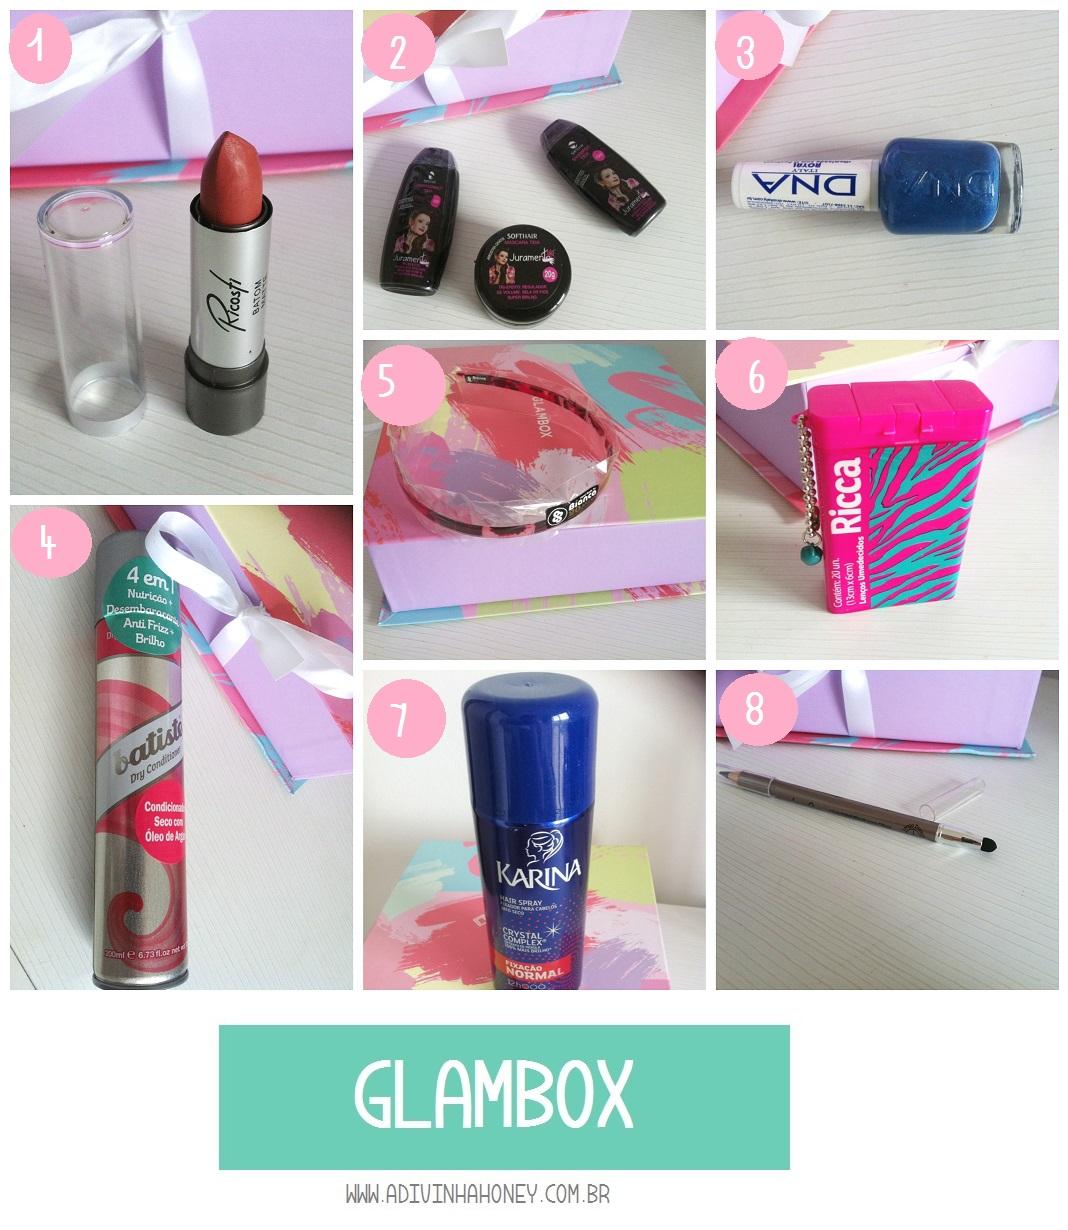 Glambox Setembro